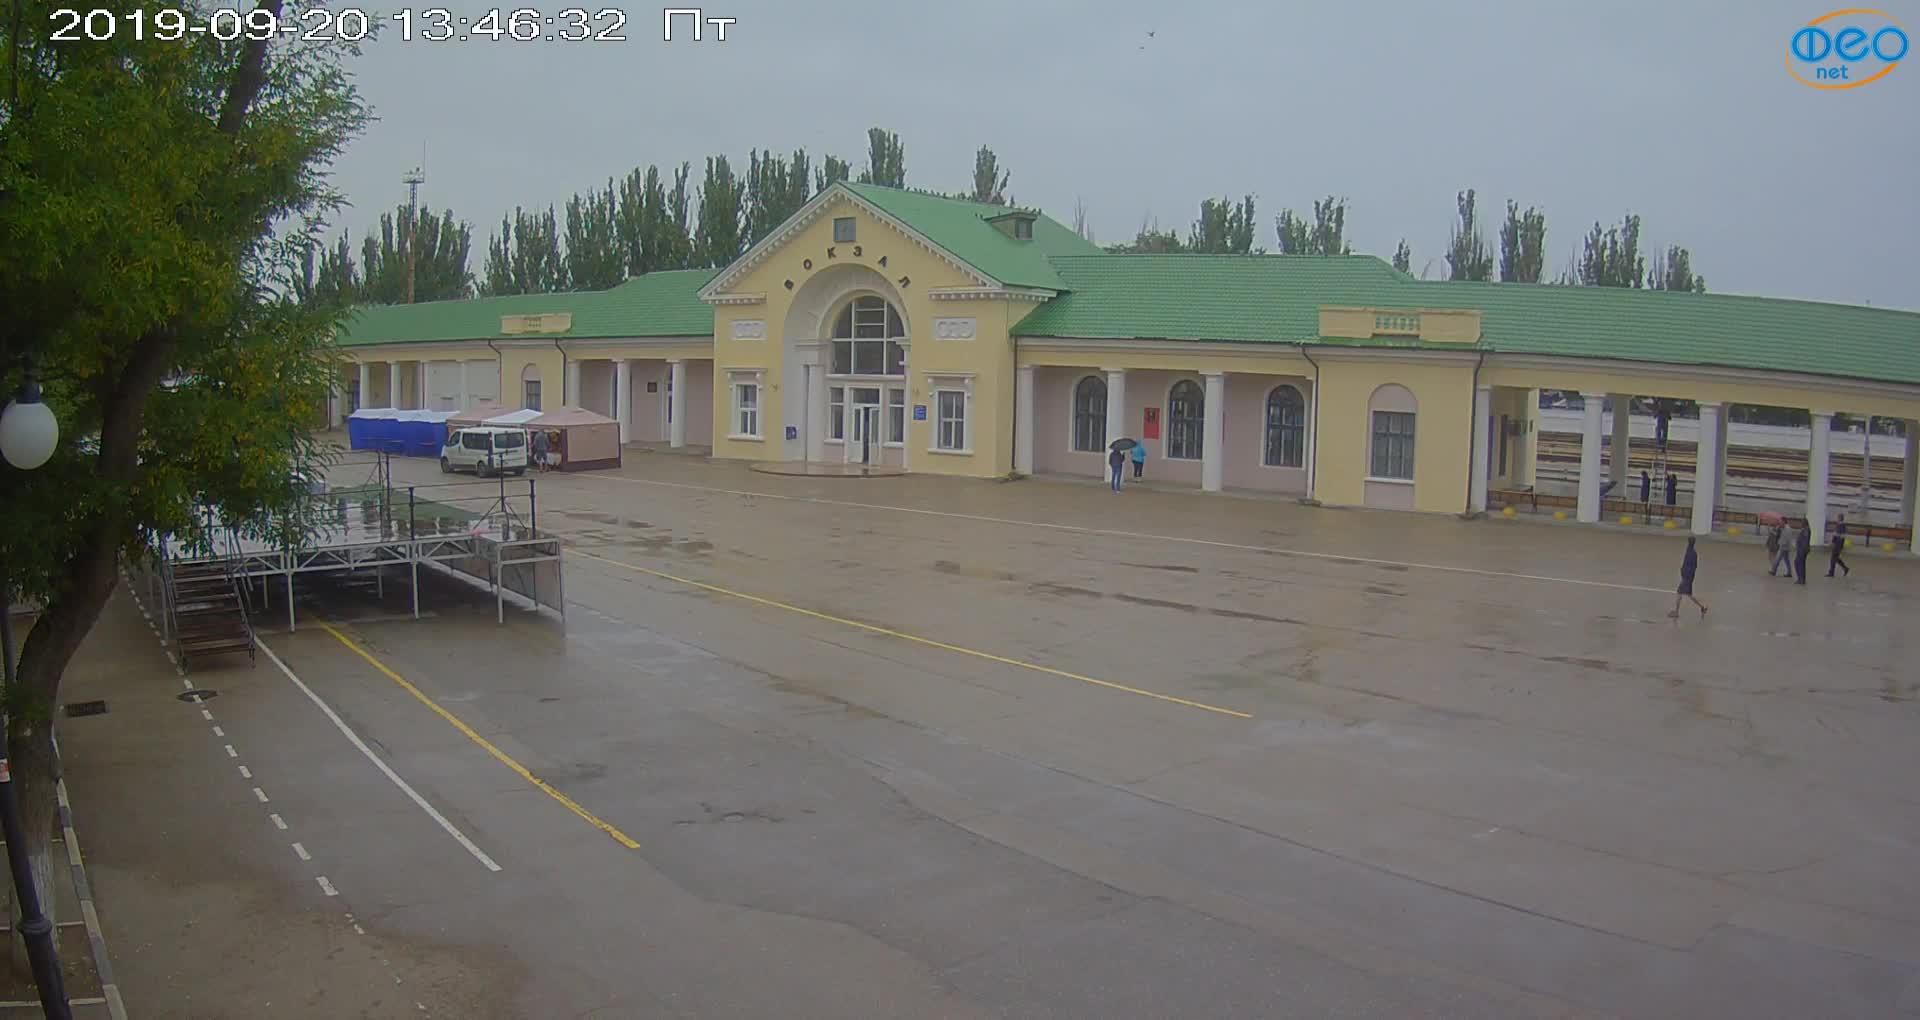 Веб-камеры Феодосии, Привокзальная площадь, 2019-09-20 14:03:07